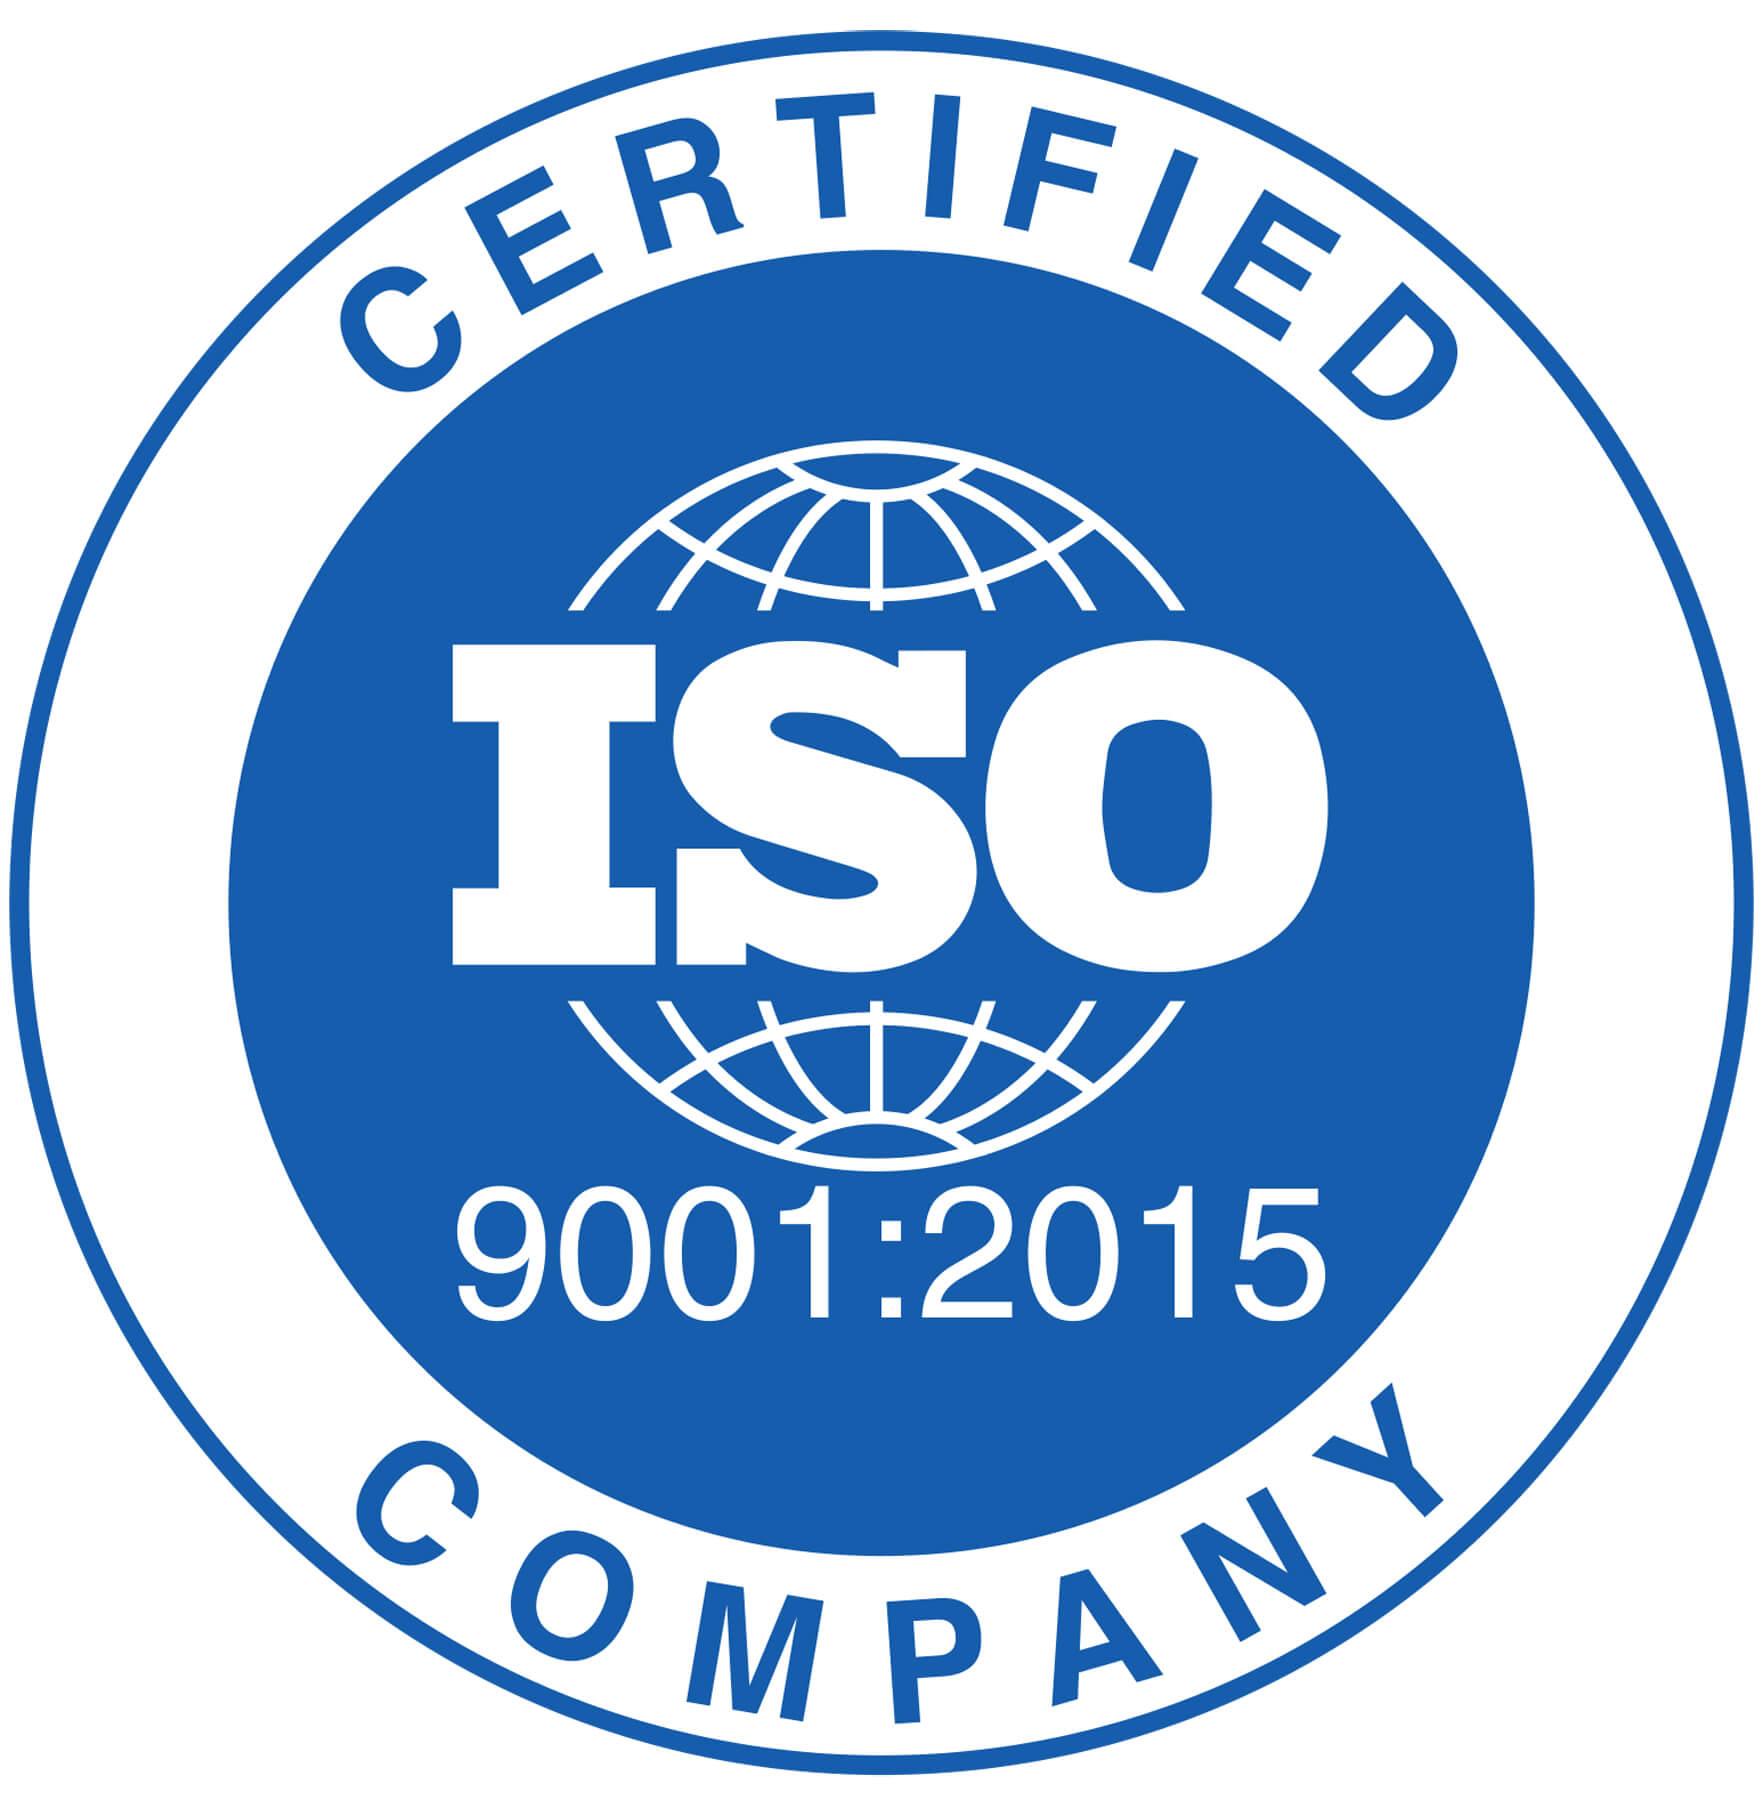 Tiêu Chuẩn Quản Lý Chất Lượng Quốc Tế ISO 9001-2015